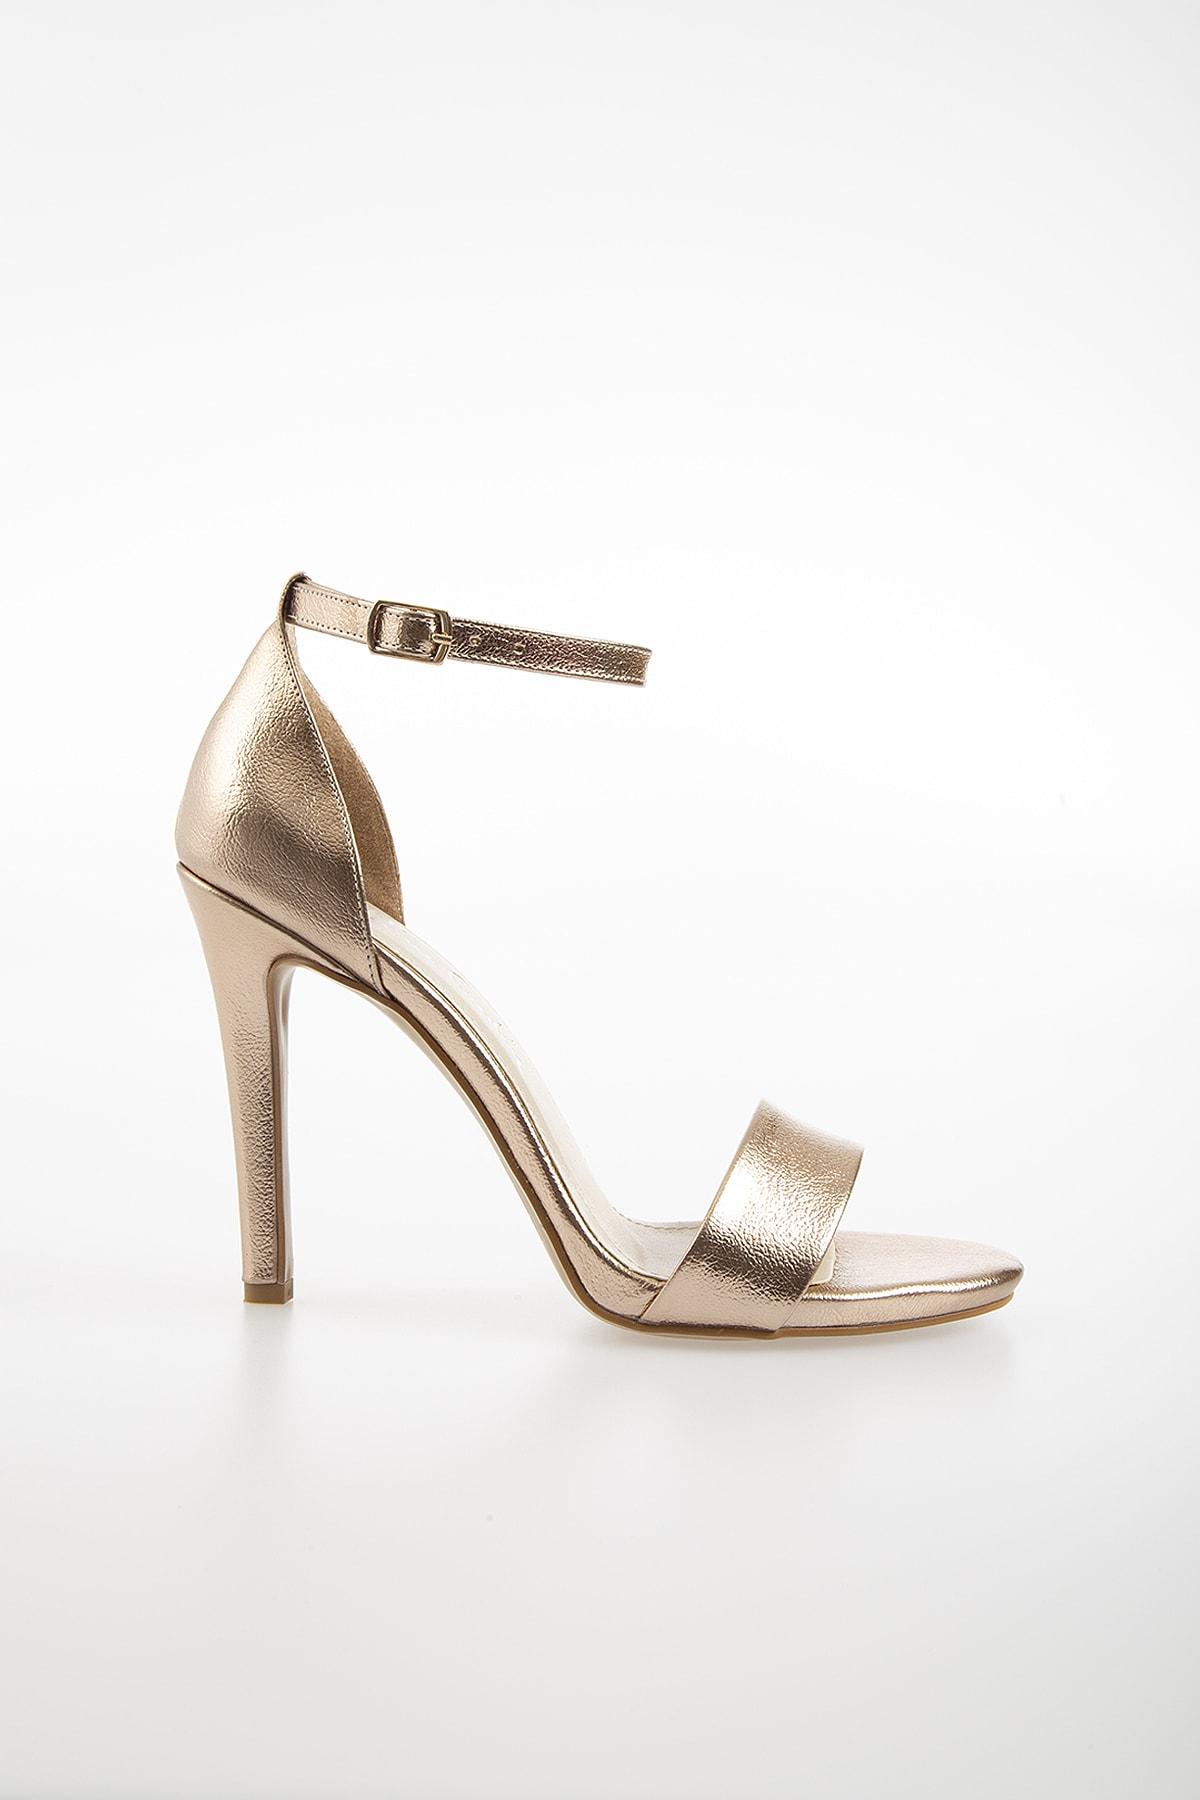 Pierre Cardin Pc-50170 Parlak Rose Kadın Ayakkabı 1